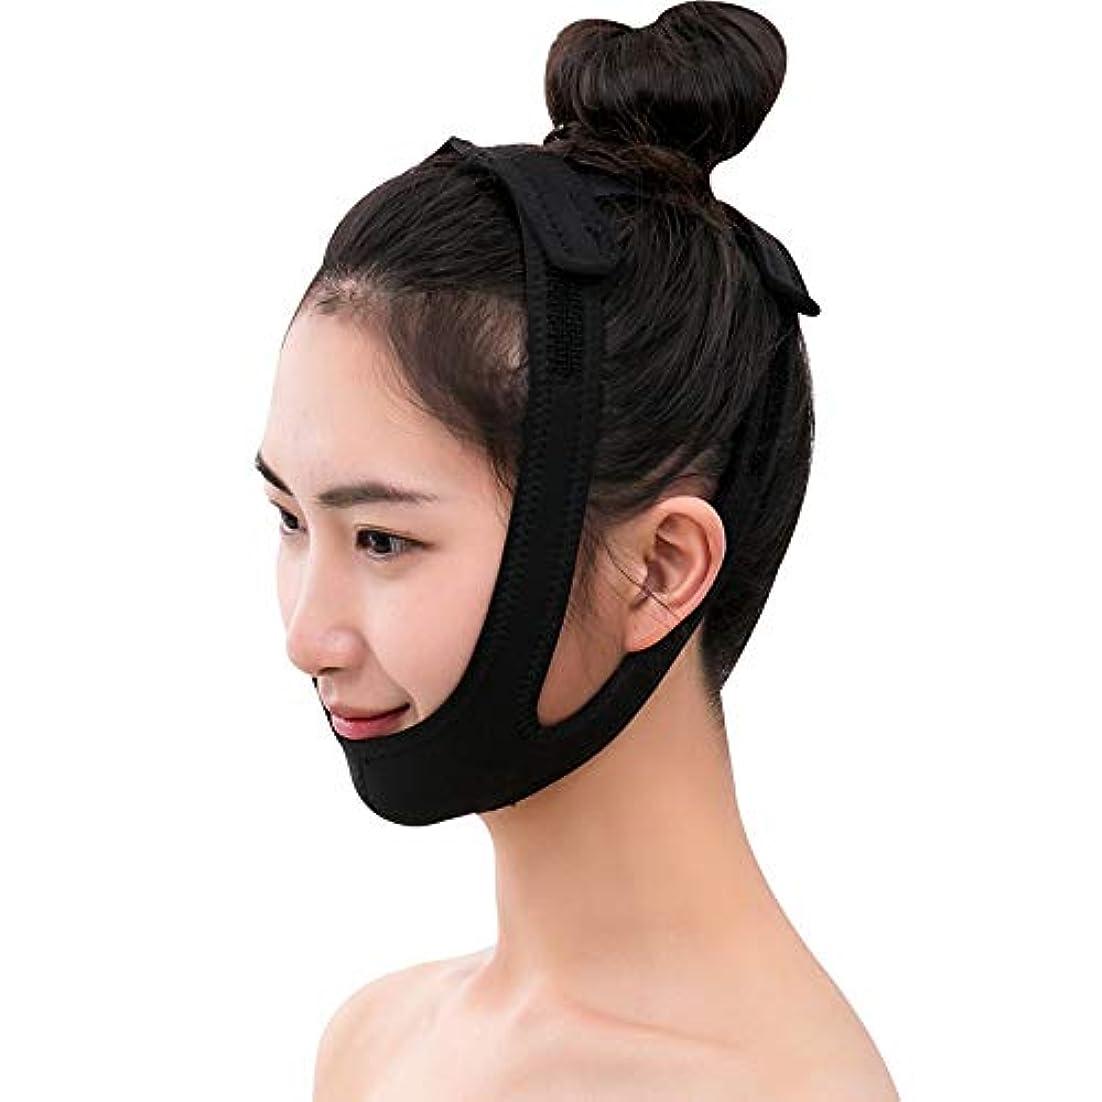 ピストル闘争センチメートルフェイスリフティング包帯、Vフェイス睡眠フェイスマスク、整形と持ち上げ、ダブルチンストラップ